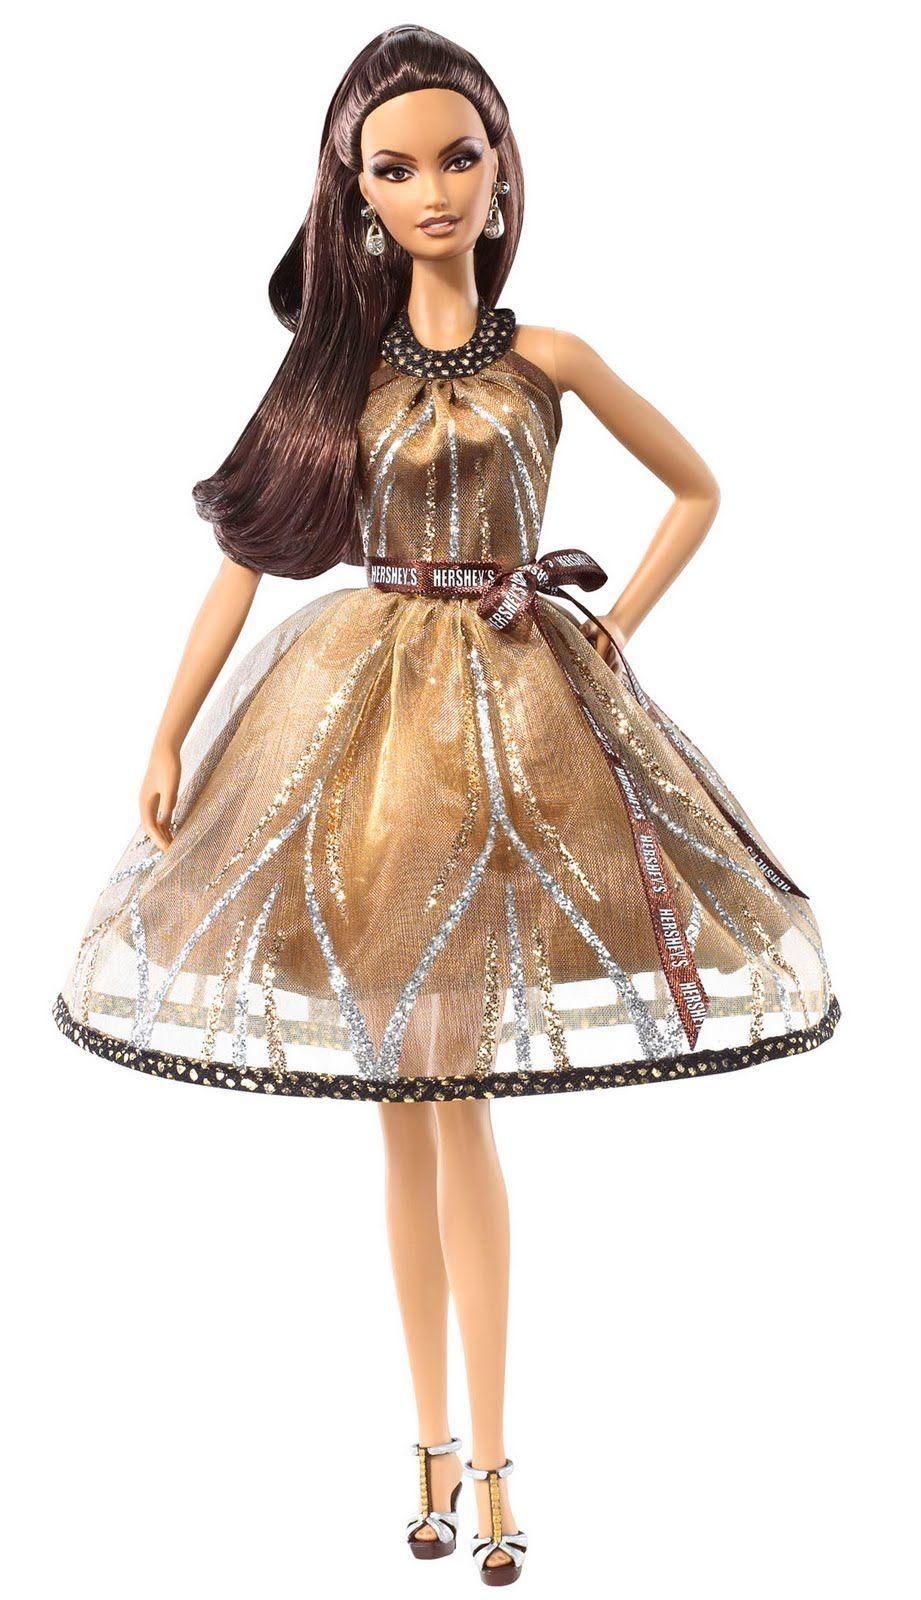 Cute Barbie Spa Fashion game 14